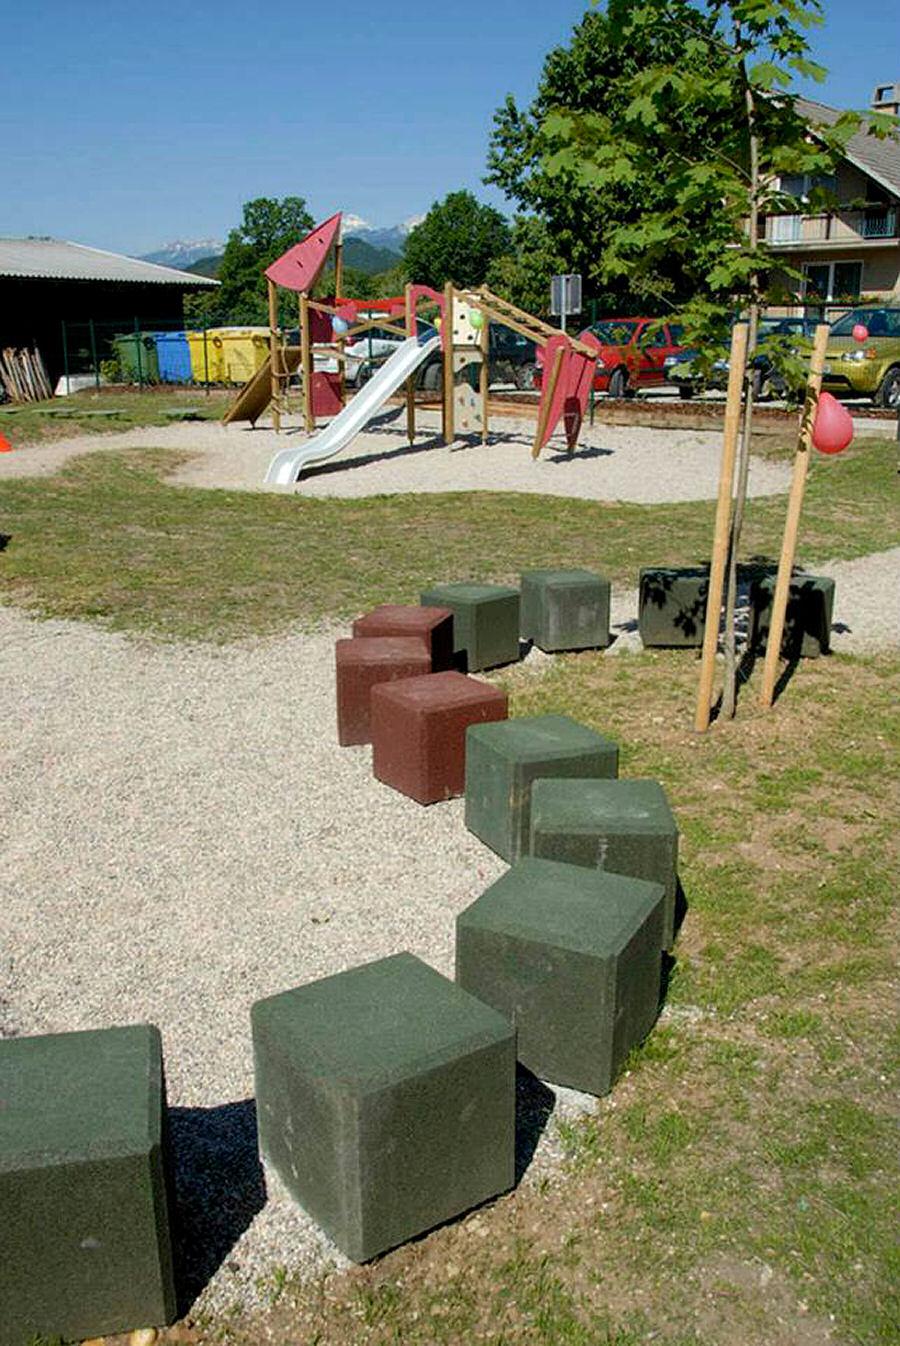 childrens-playground-selo-zirovnica-3